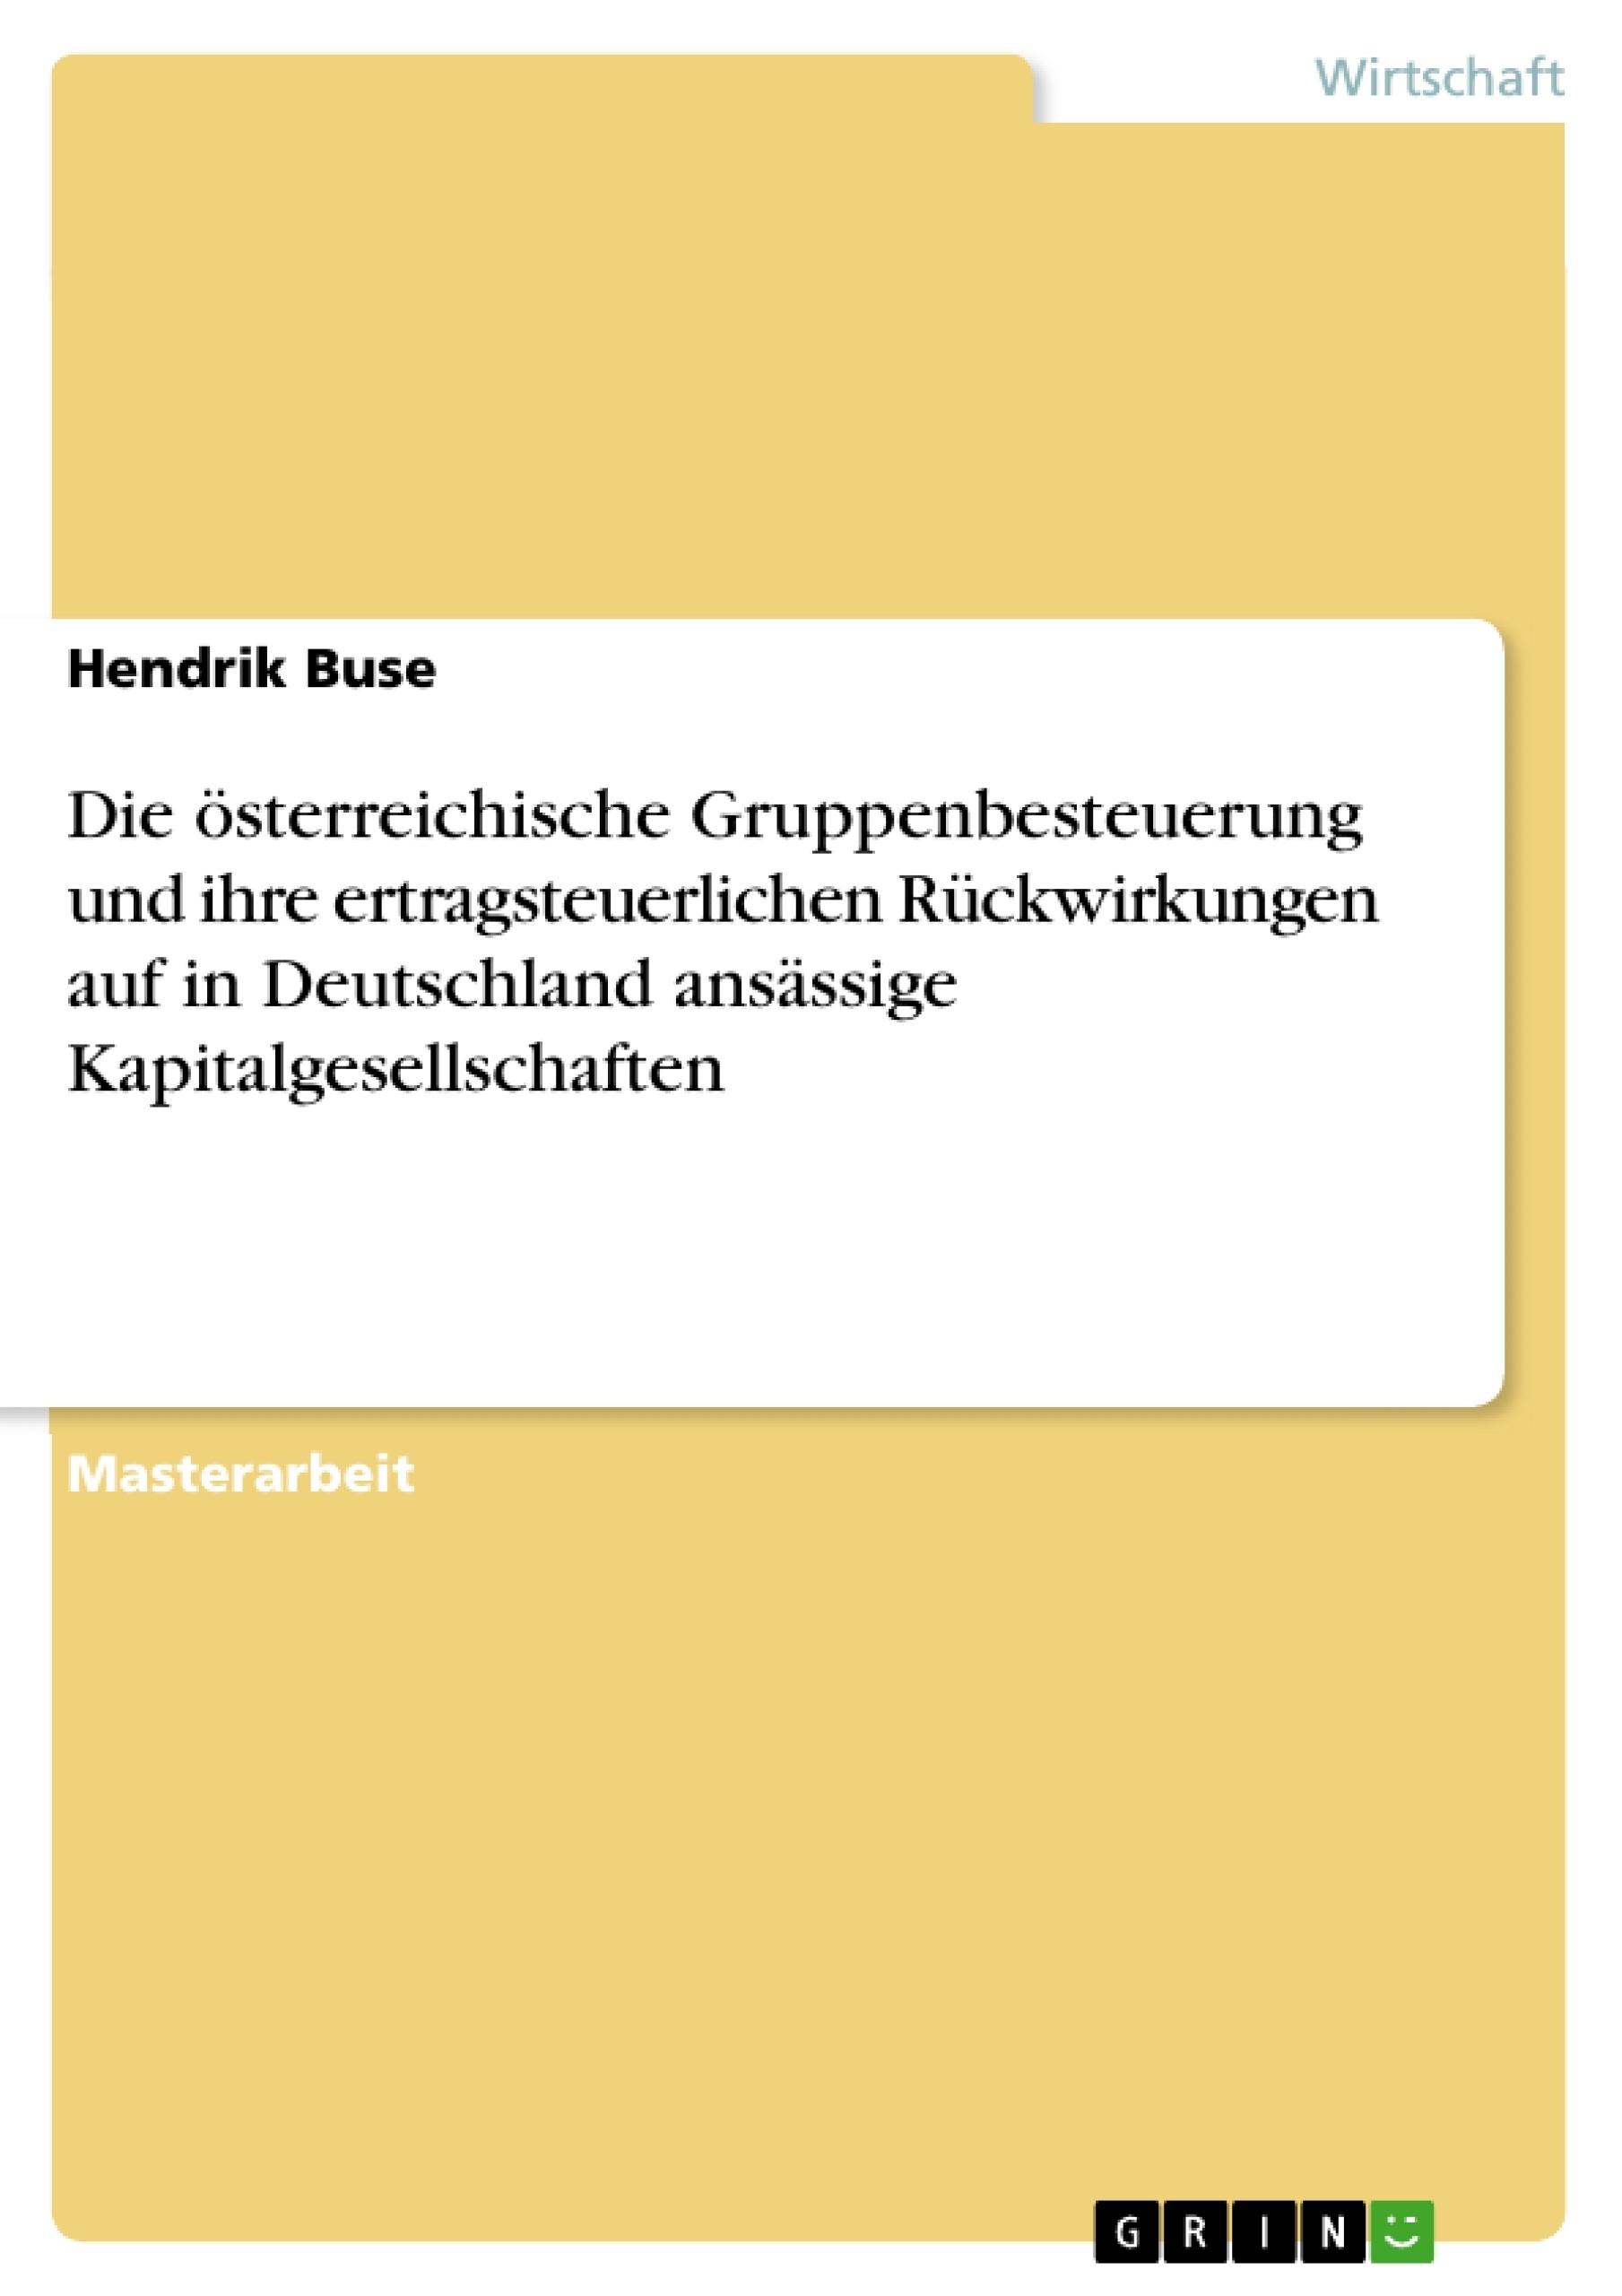 Titel: Die österreichische Gruppenbesteuerung und ihre ertragsteuerlichen Rückwirkungen auf in Deutschland ansässige Kapitalgesellschaften